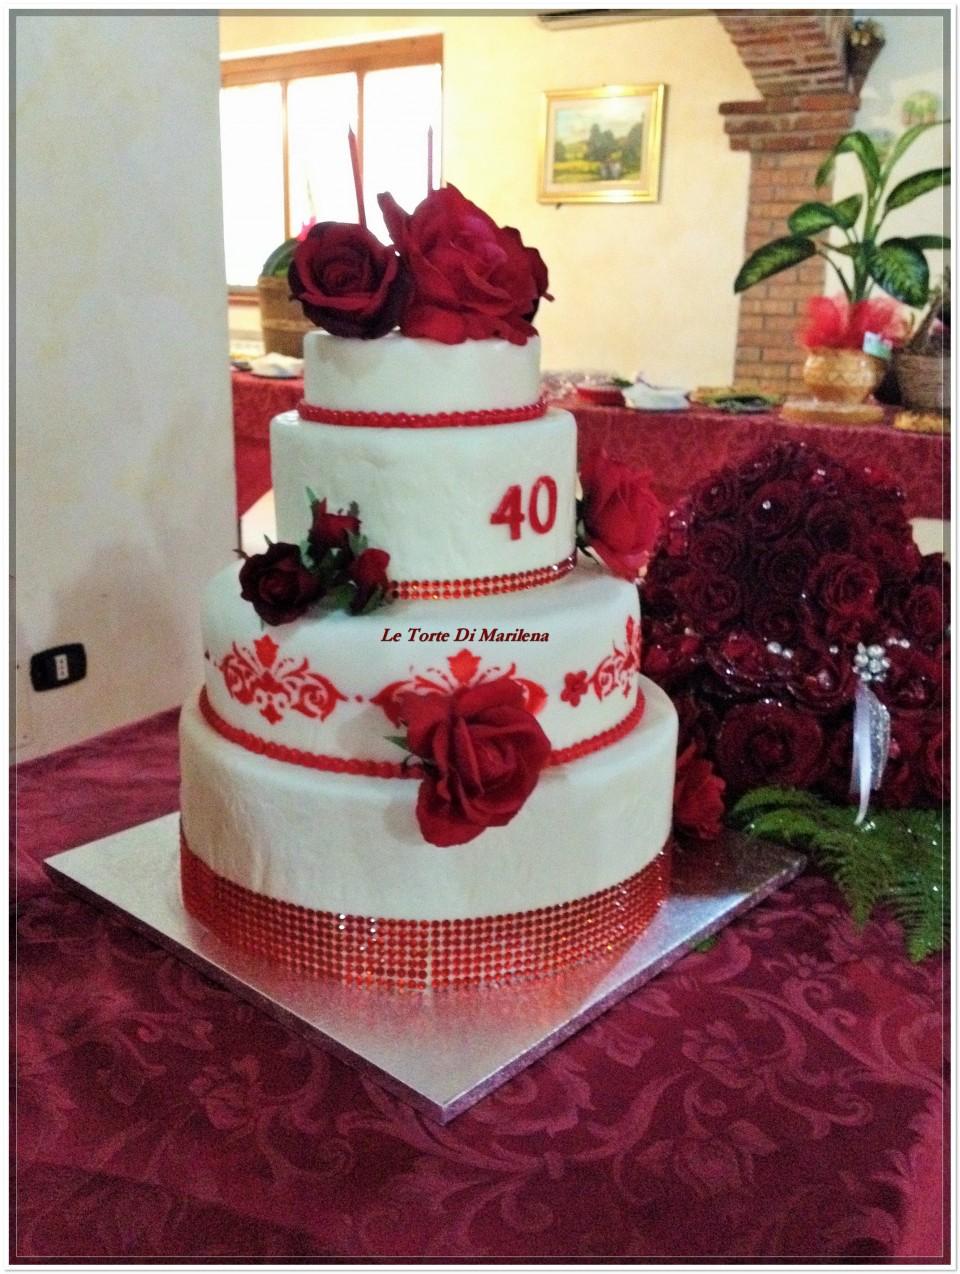 TORTA 40ESIMO COMPLEANNO DONNA  Le Torte di Marilena